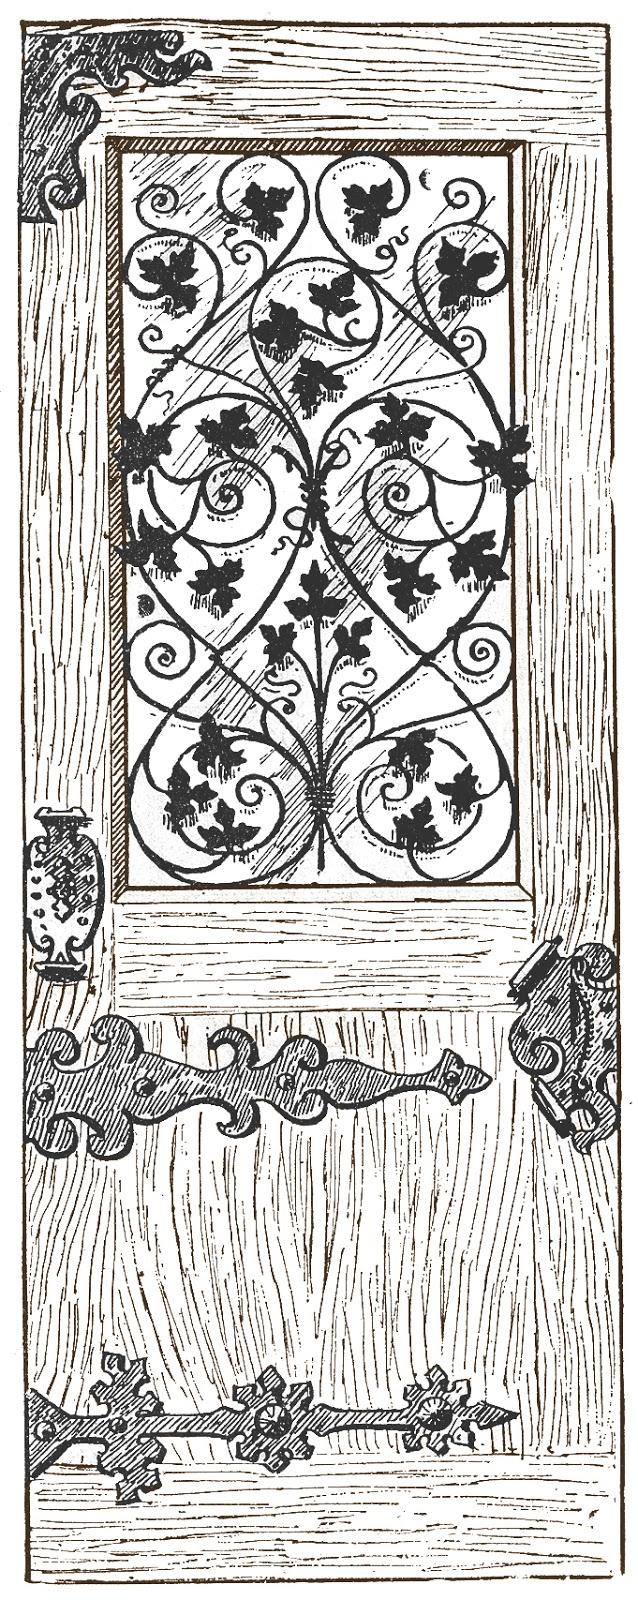 Old wooden door clipart - Stock Image Antique Wood And Iron Door